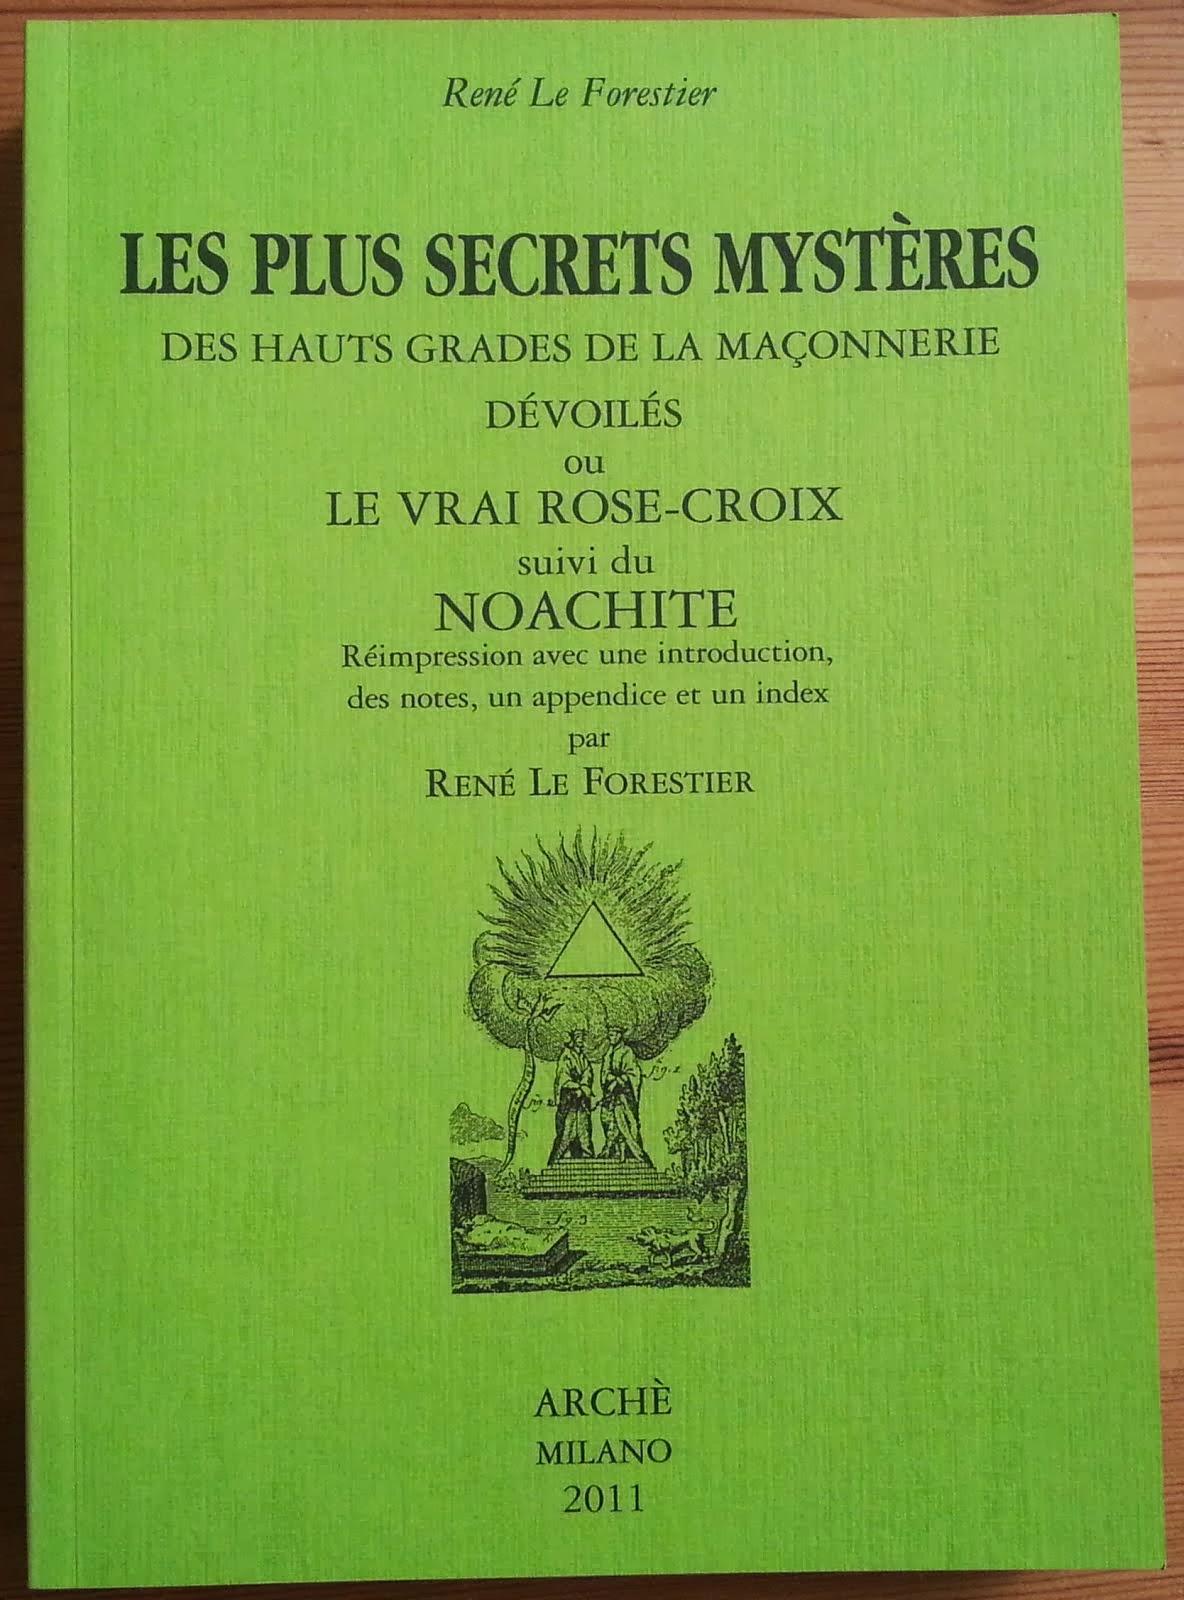 Un inédit de René Le Forestier